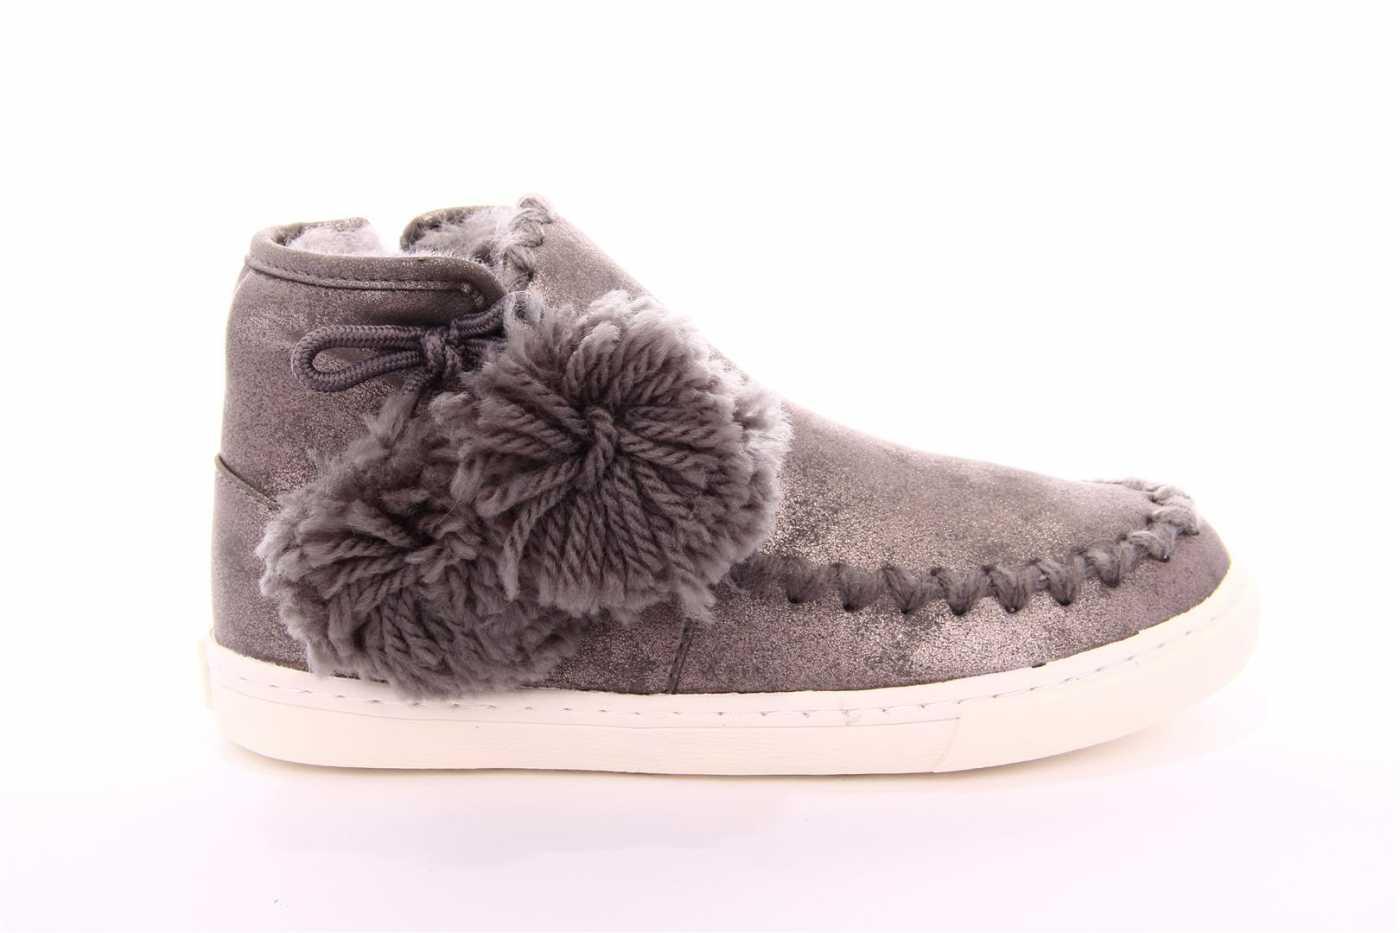 81a6087471 Comprar zapato tipo JOVEN NIÑA estilo BOTINES-BOTA ALTA COLOR PLATA ...